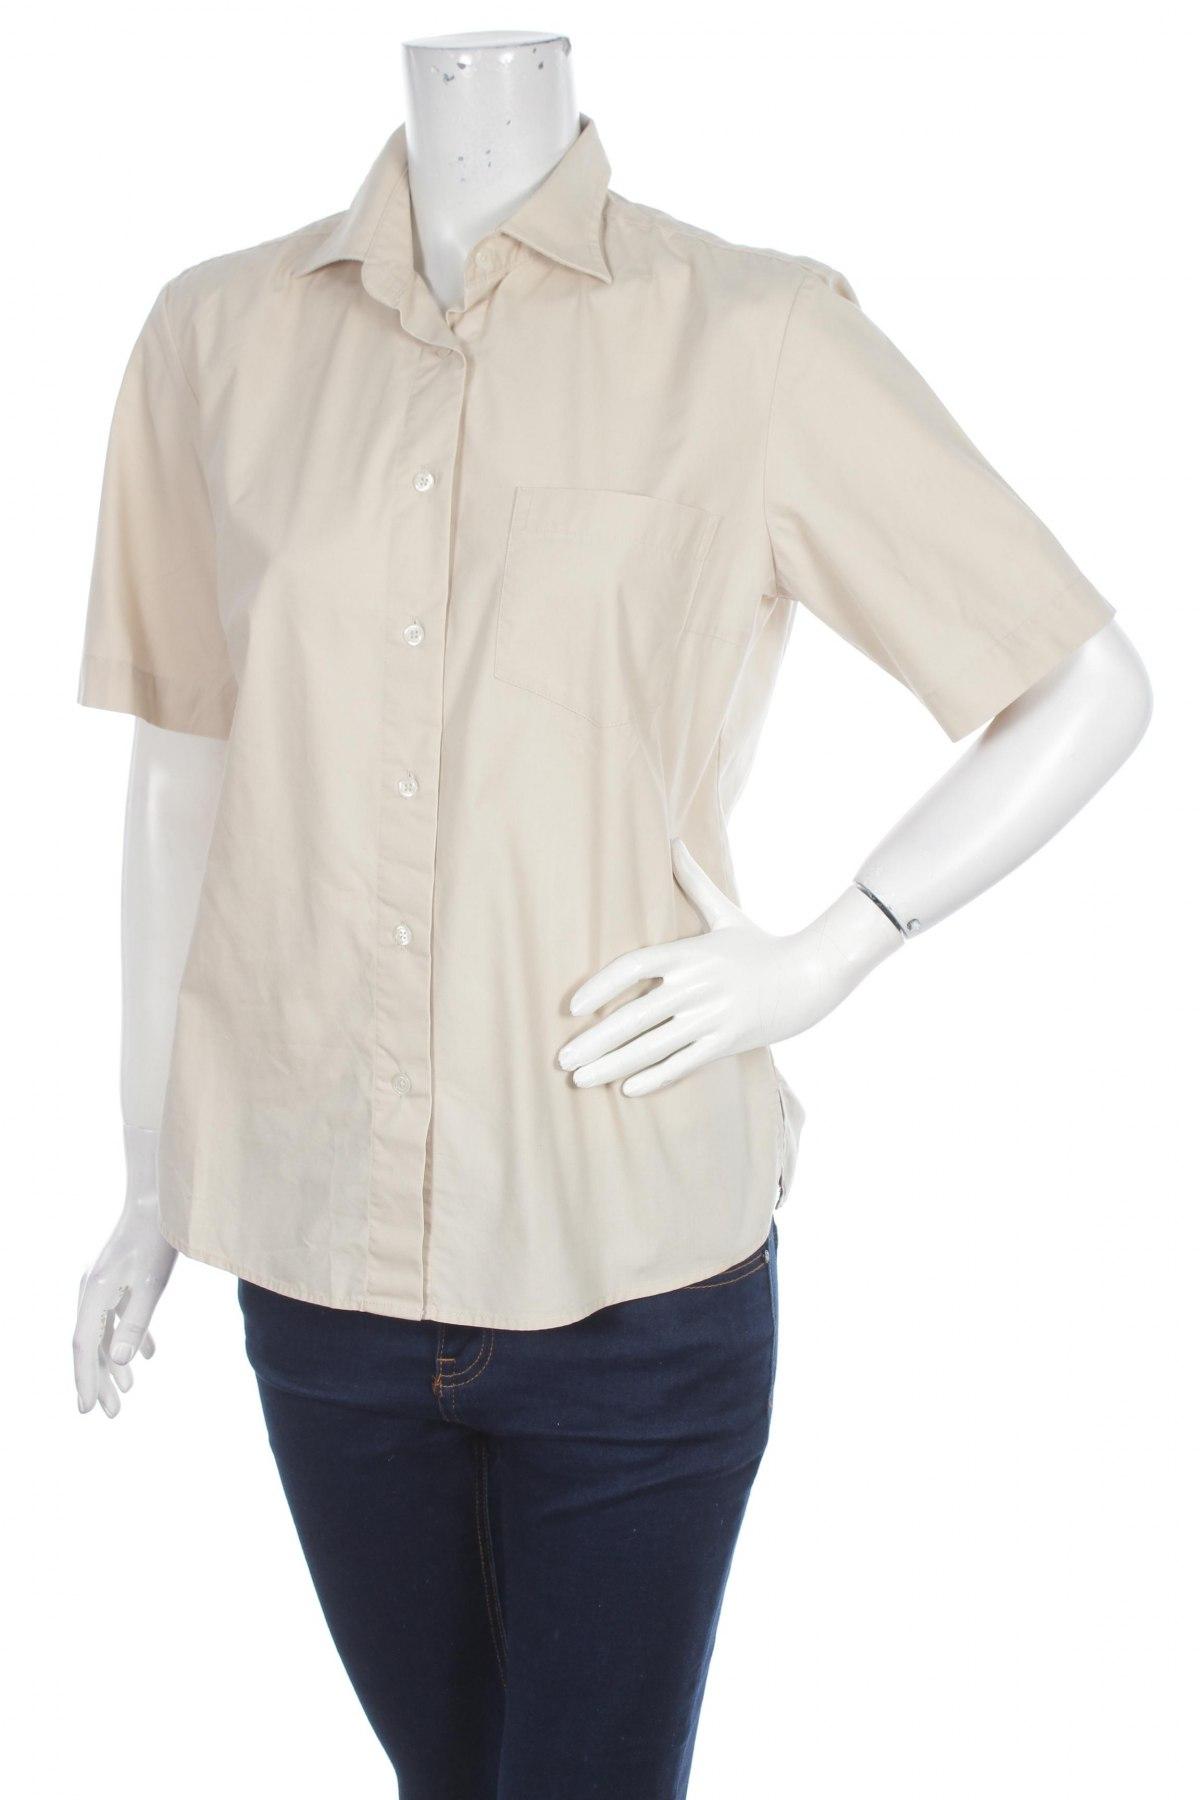 Γυναικείο πουκάμισο Greiff